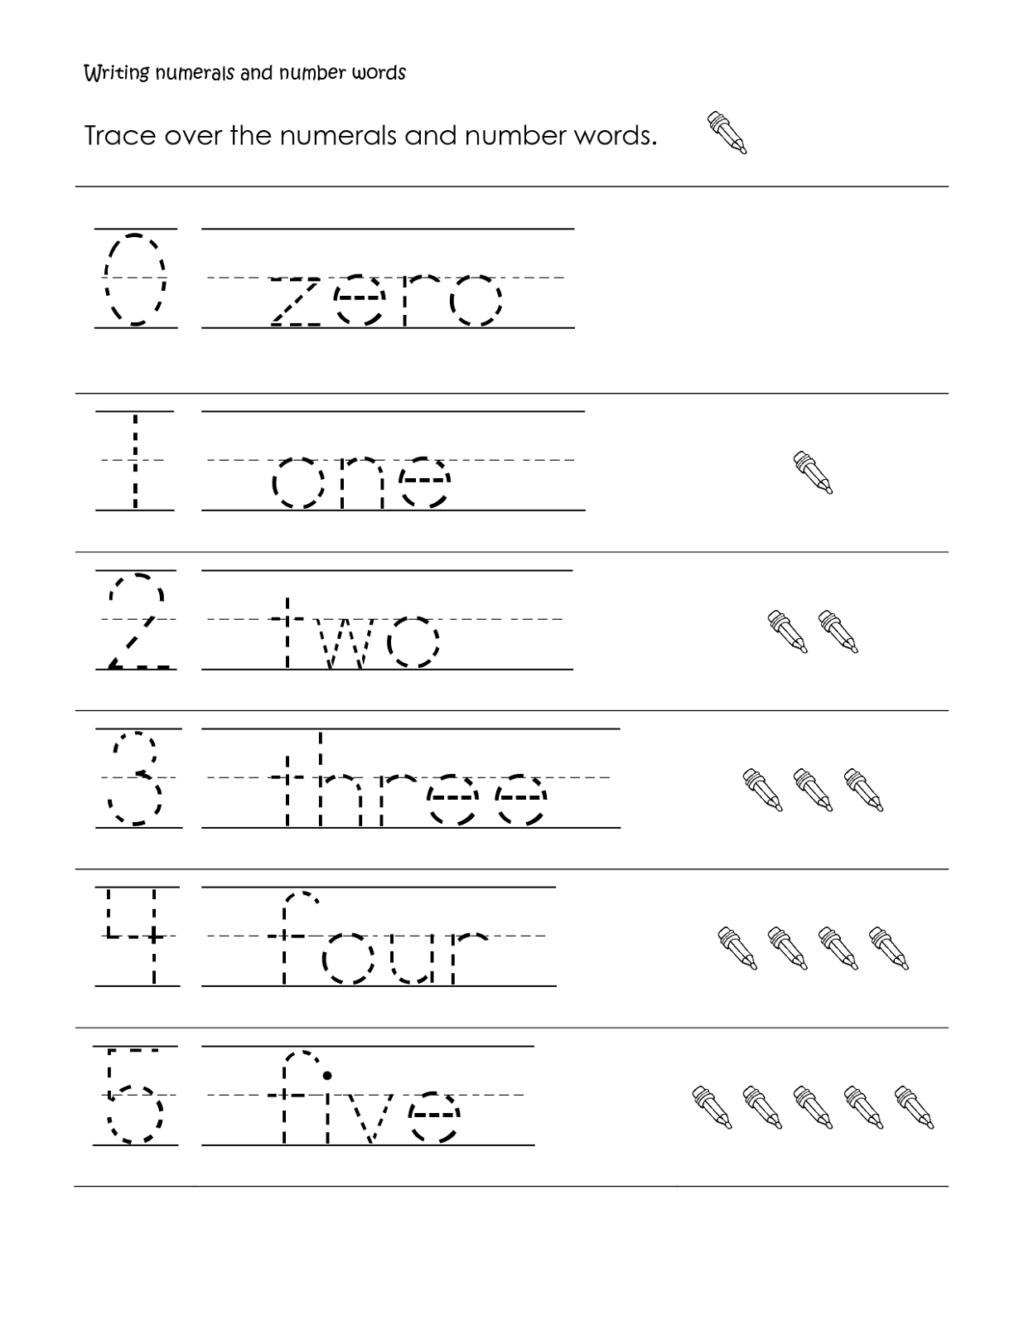 Worksheet ~ Worksheet Tracing Names For Preschoolers in My Name Is Tracing Worksheet